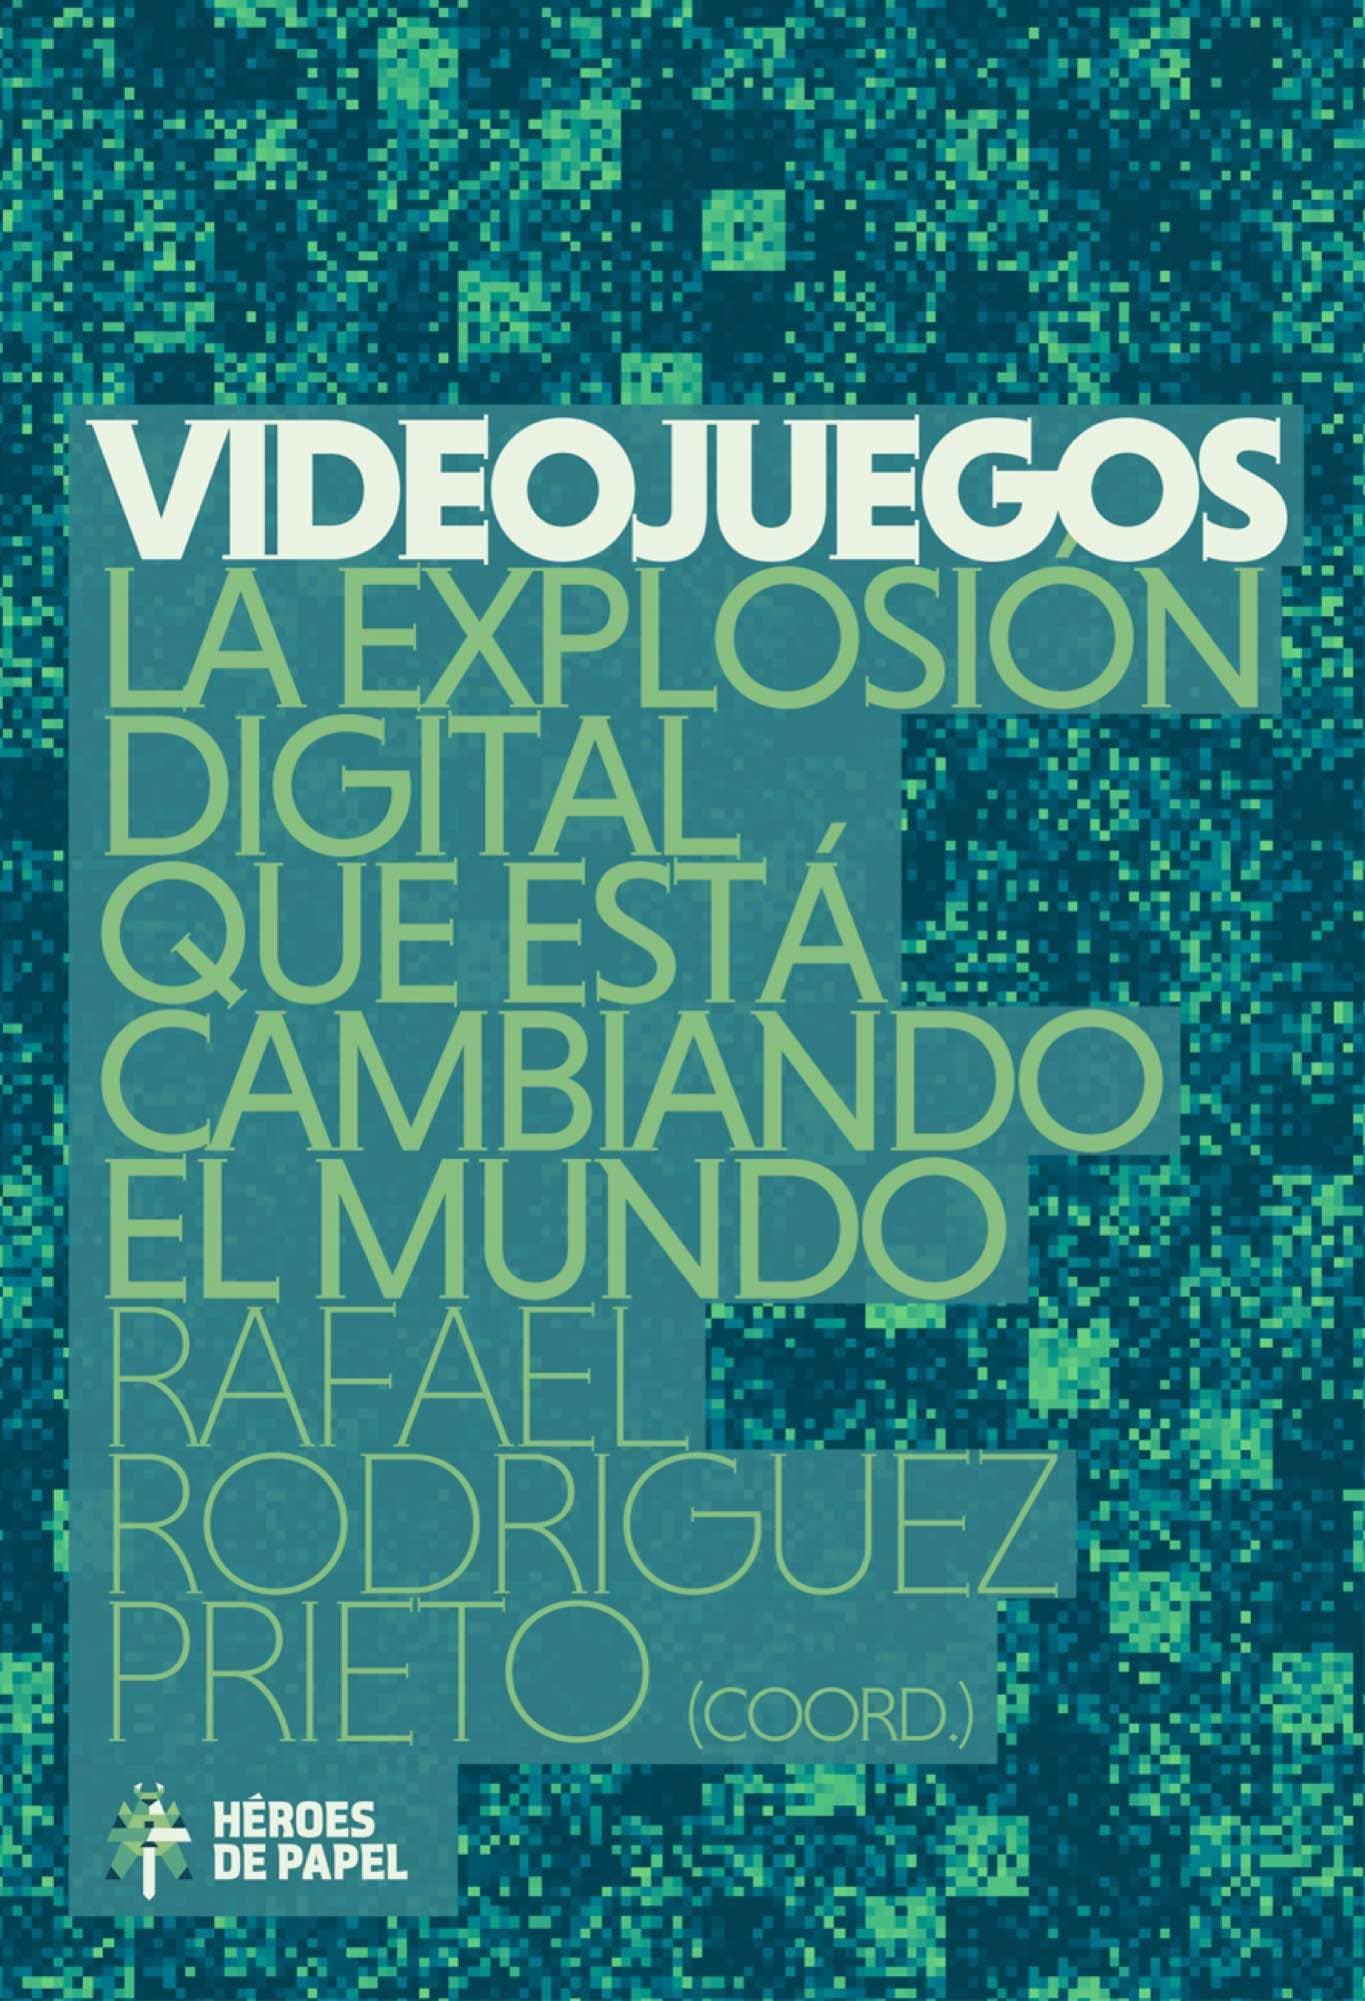 VIDEOJUEGOS. LA EXPLOSION DIGITAL QUE ESTA CAMBIANDO EL MUNDO